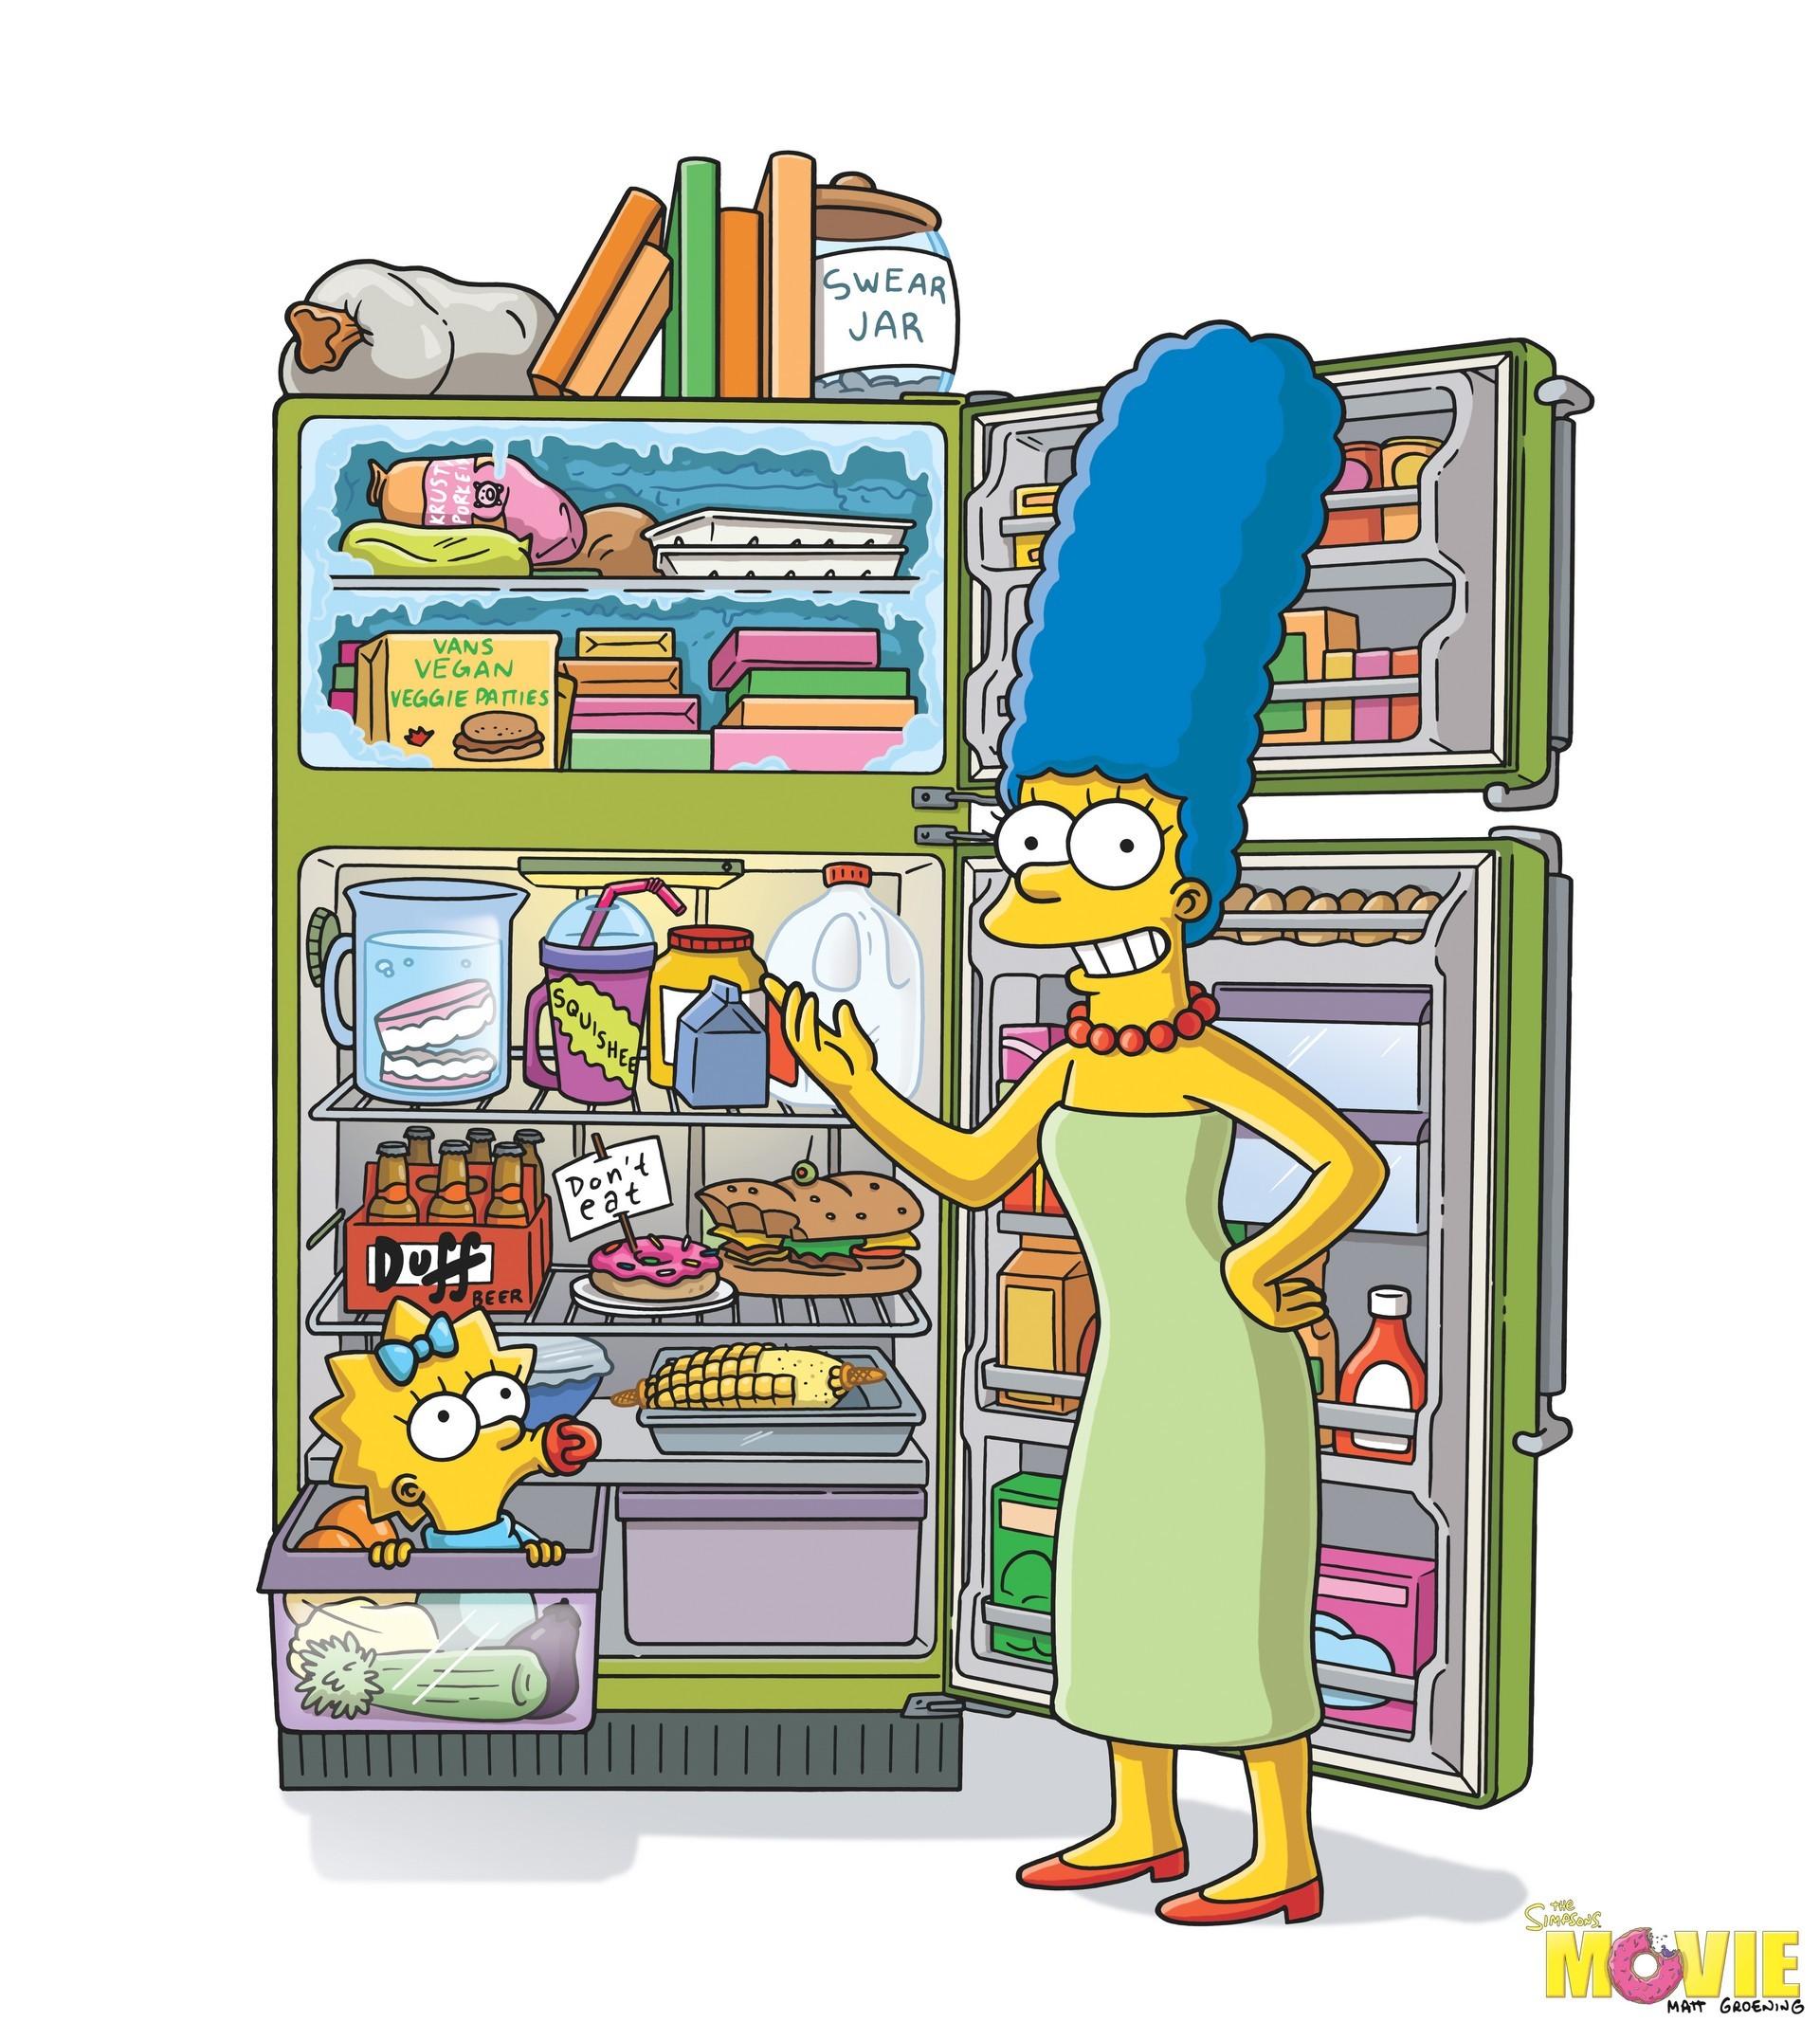 Papel De Parede Para Celular Desenho The Simpsons 21633 Baixe O Papel De Parede Gratuitamente